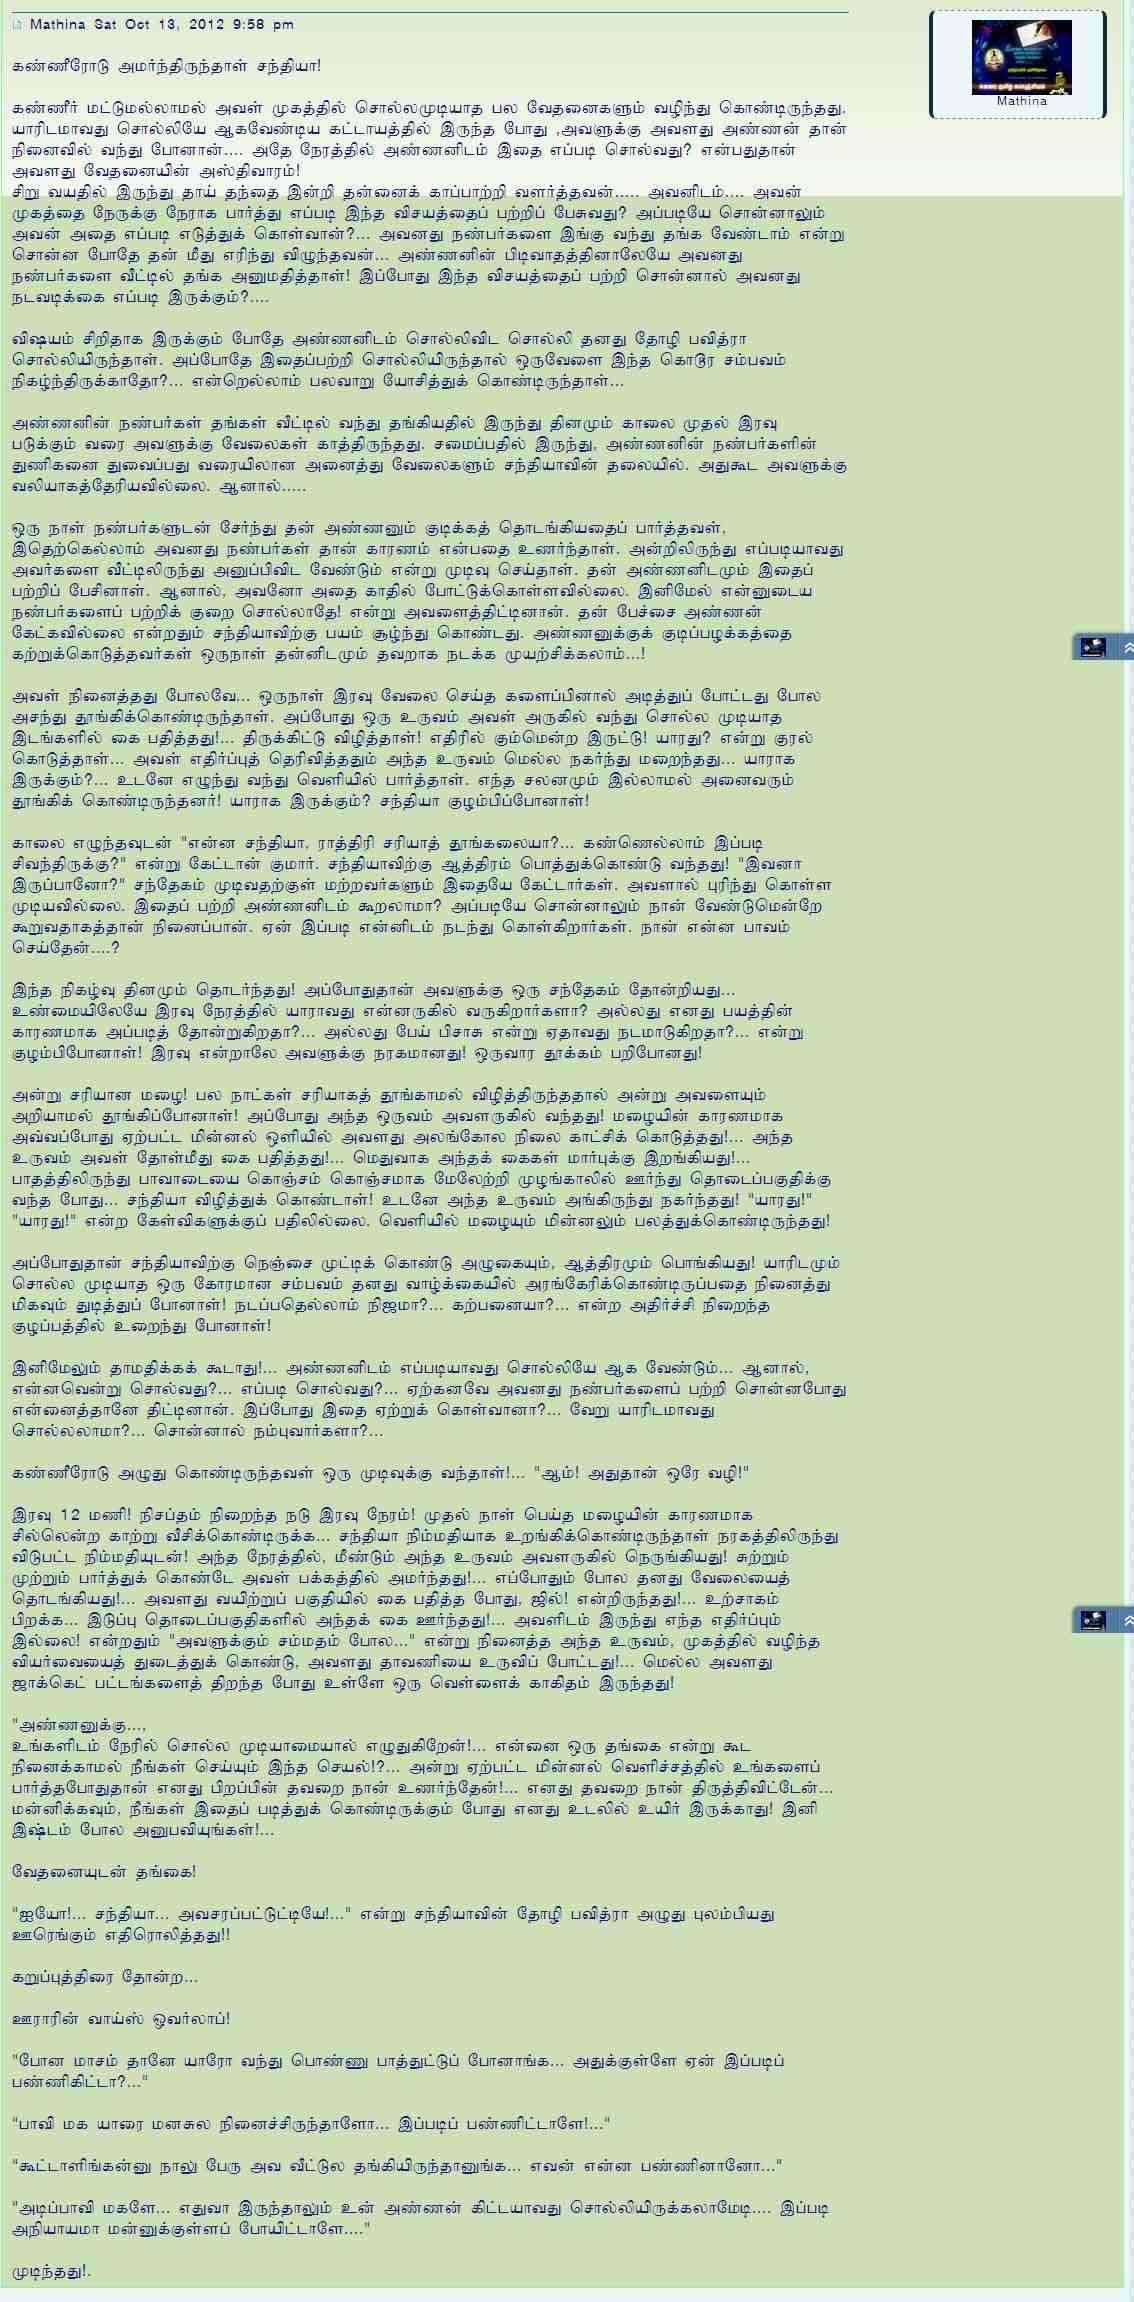 ஈகரை தமிழ் களஞ்சியம் - அரங்கேறும் தேவடியாத் தனம்! Story10